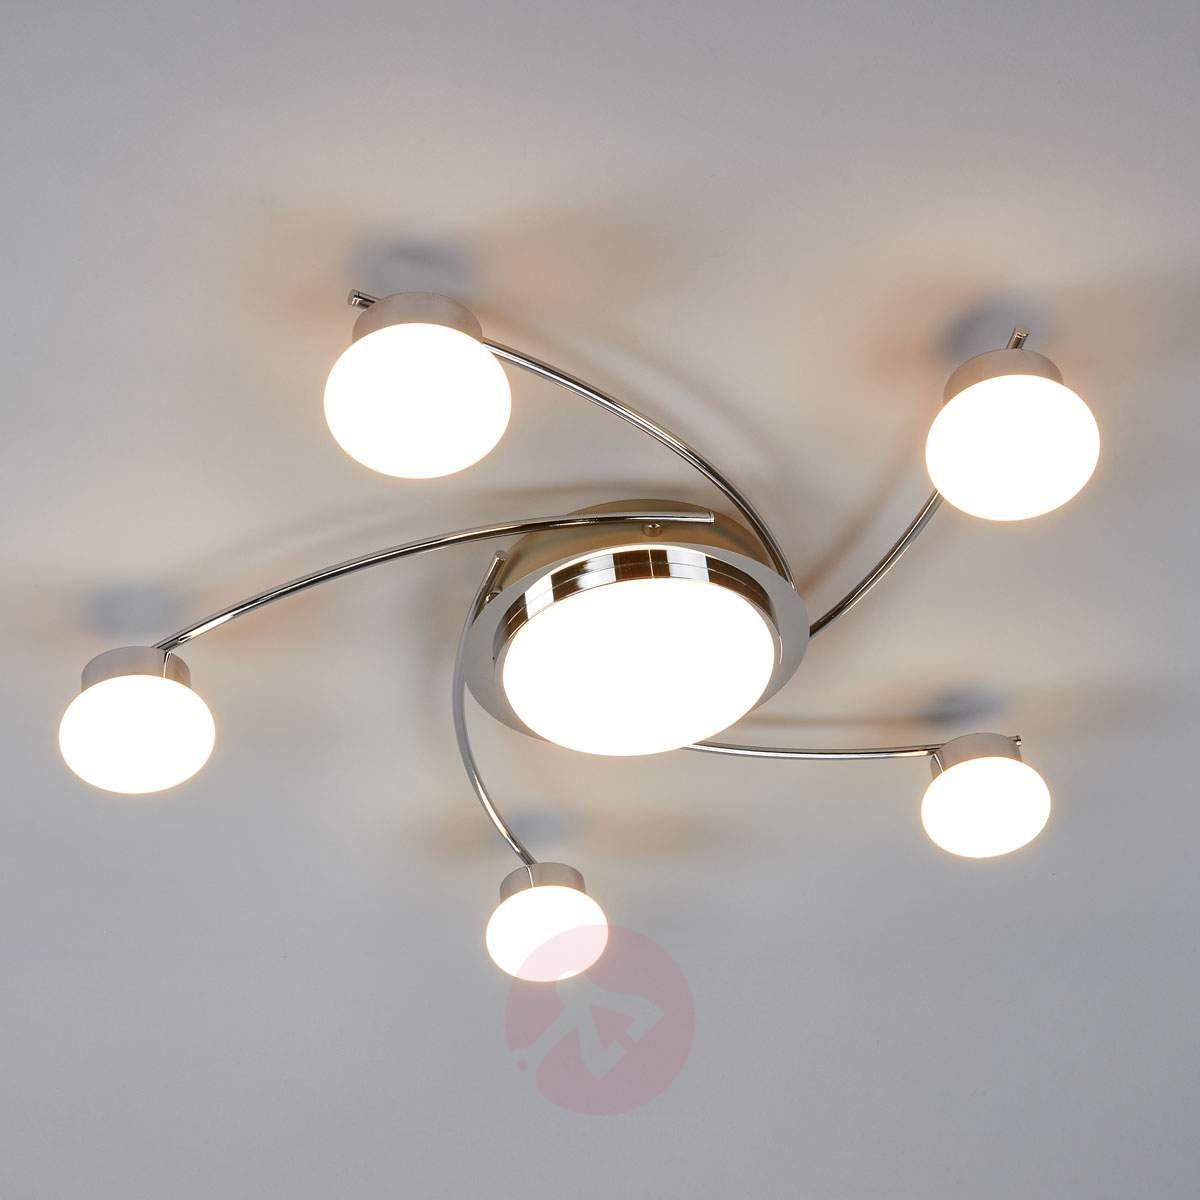 lampy wiszące kształt plafonu